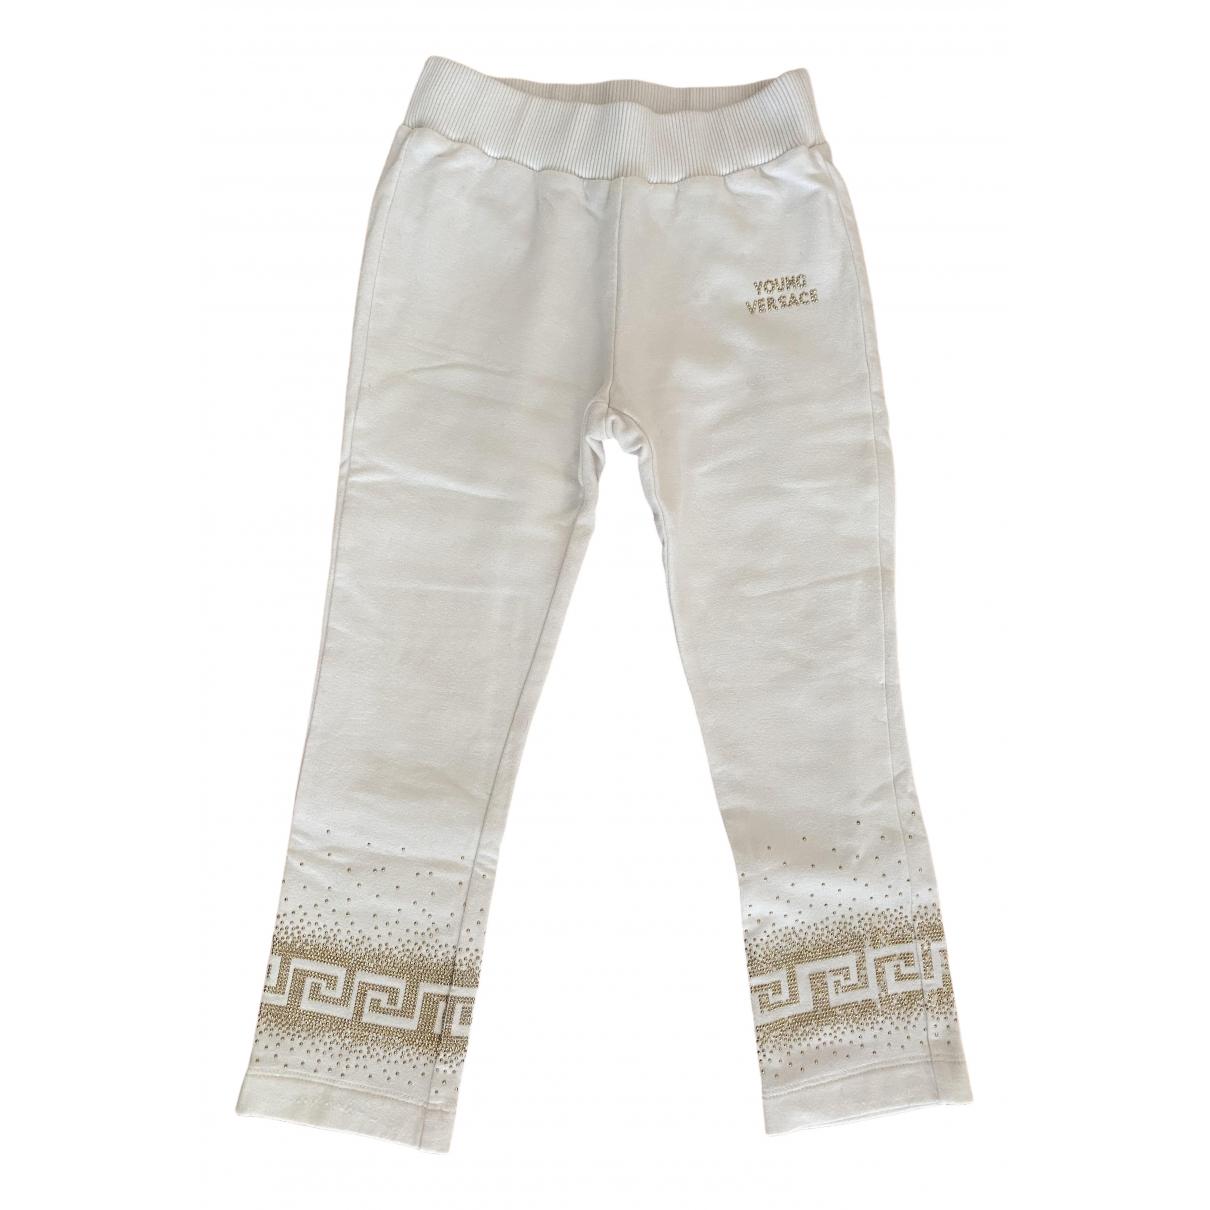 Pantalones en Algodon Crudo Versace